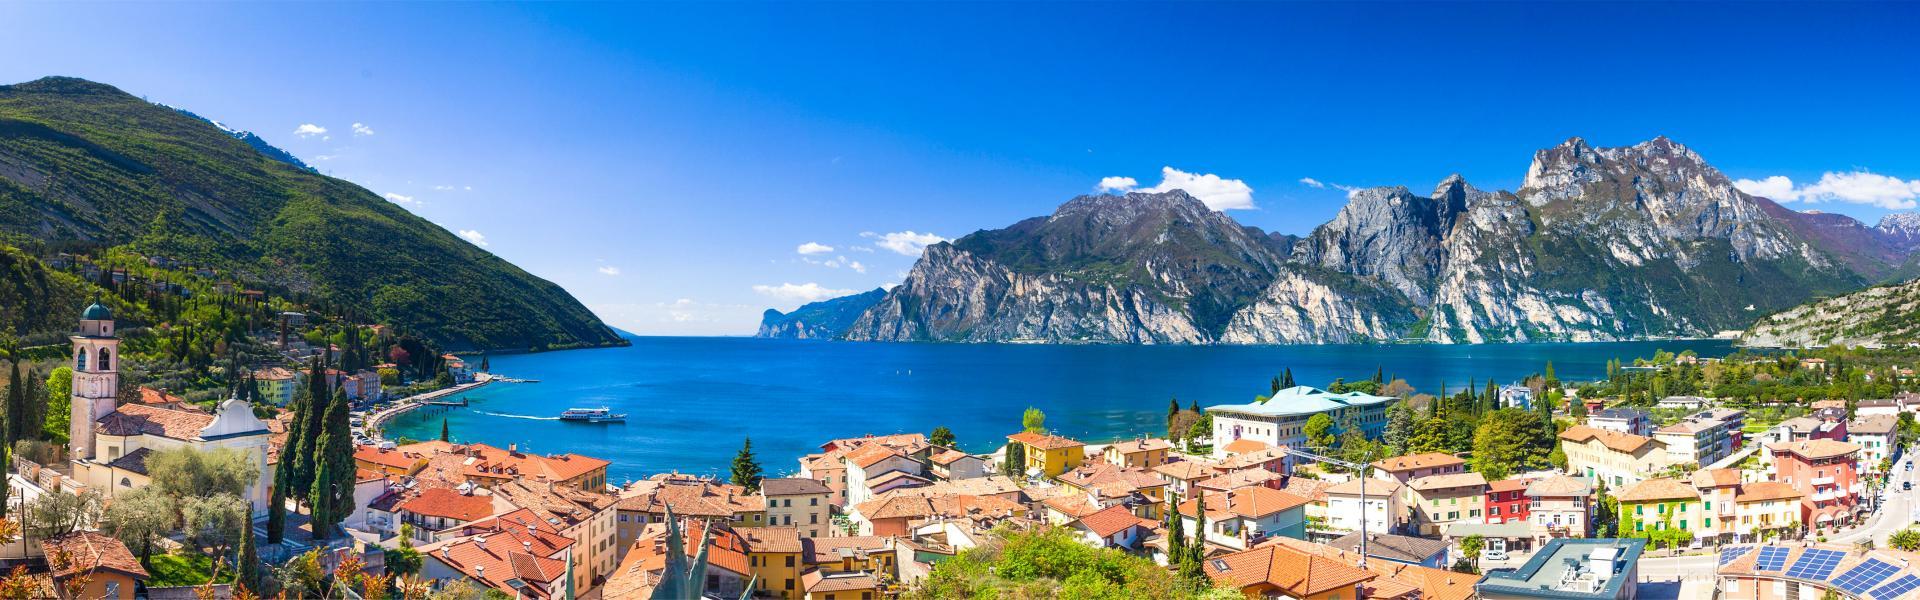 Hotel Pensione Completa Lago Garda